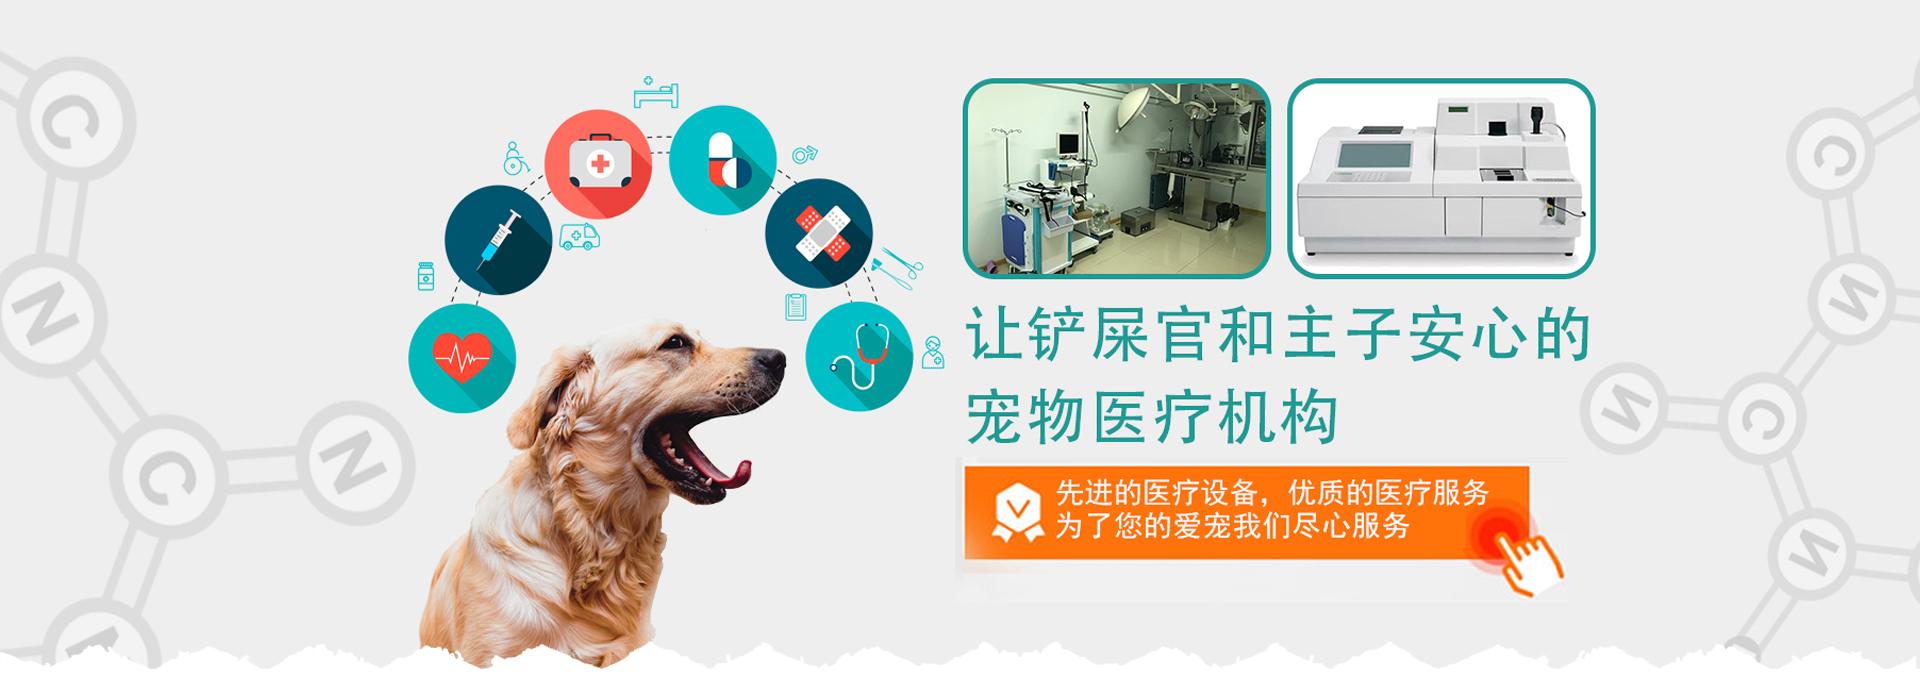 烟台宠物医院,烟台宠物美容,烟台宠物用品